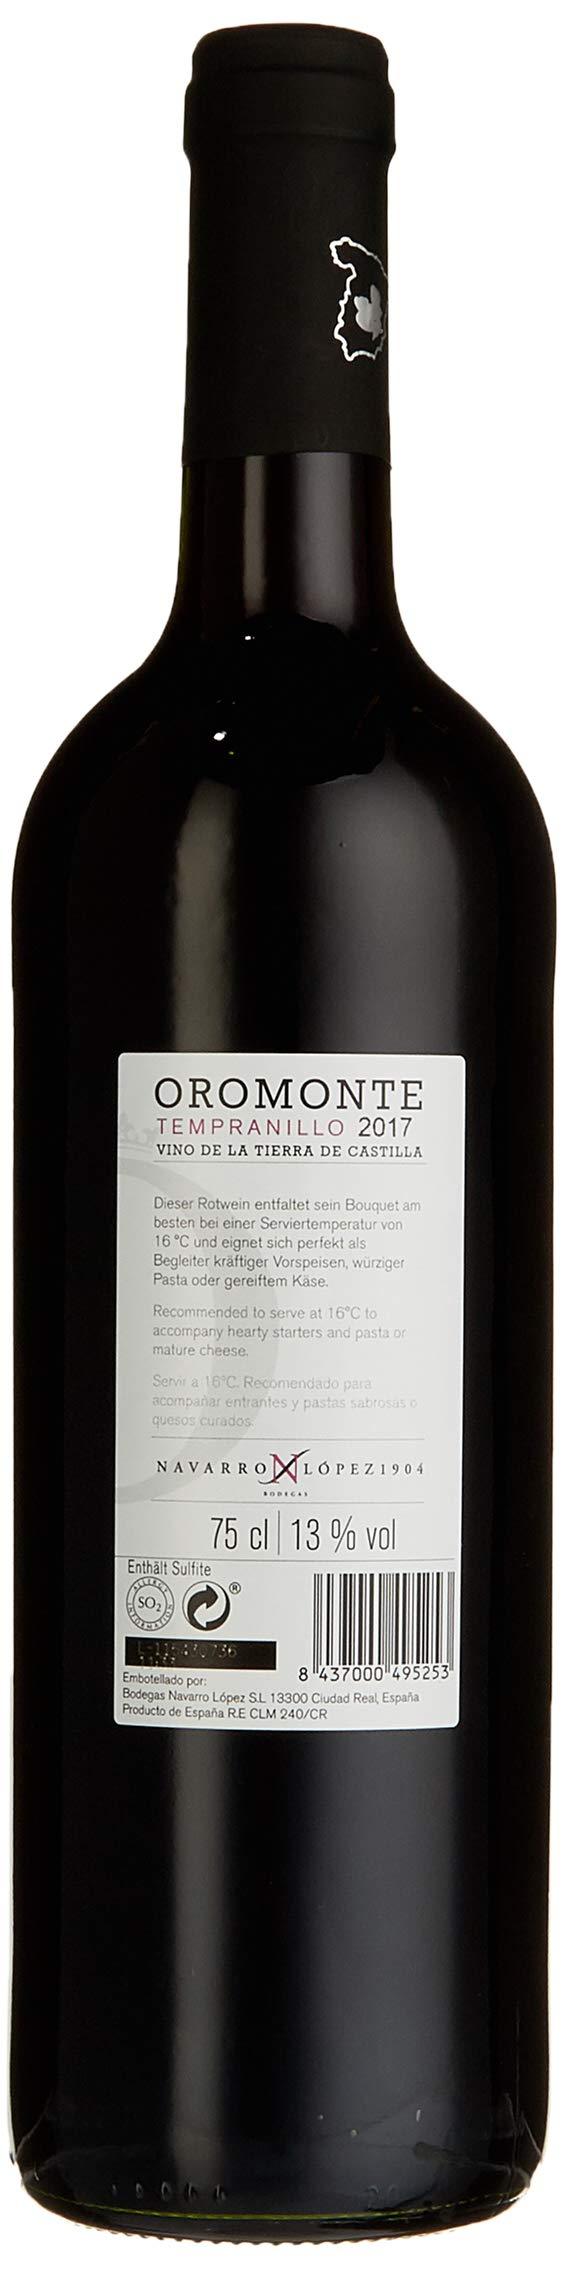 OROMONTE-TEMPRANILLO-NAVARRO-LOPEZ-2017-Trocken-6-x-750-l